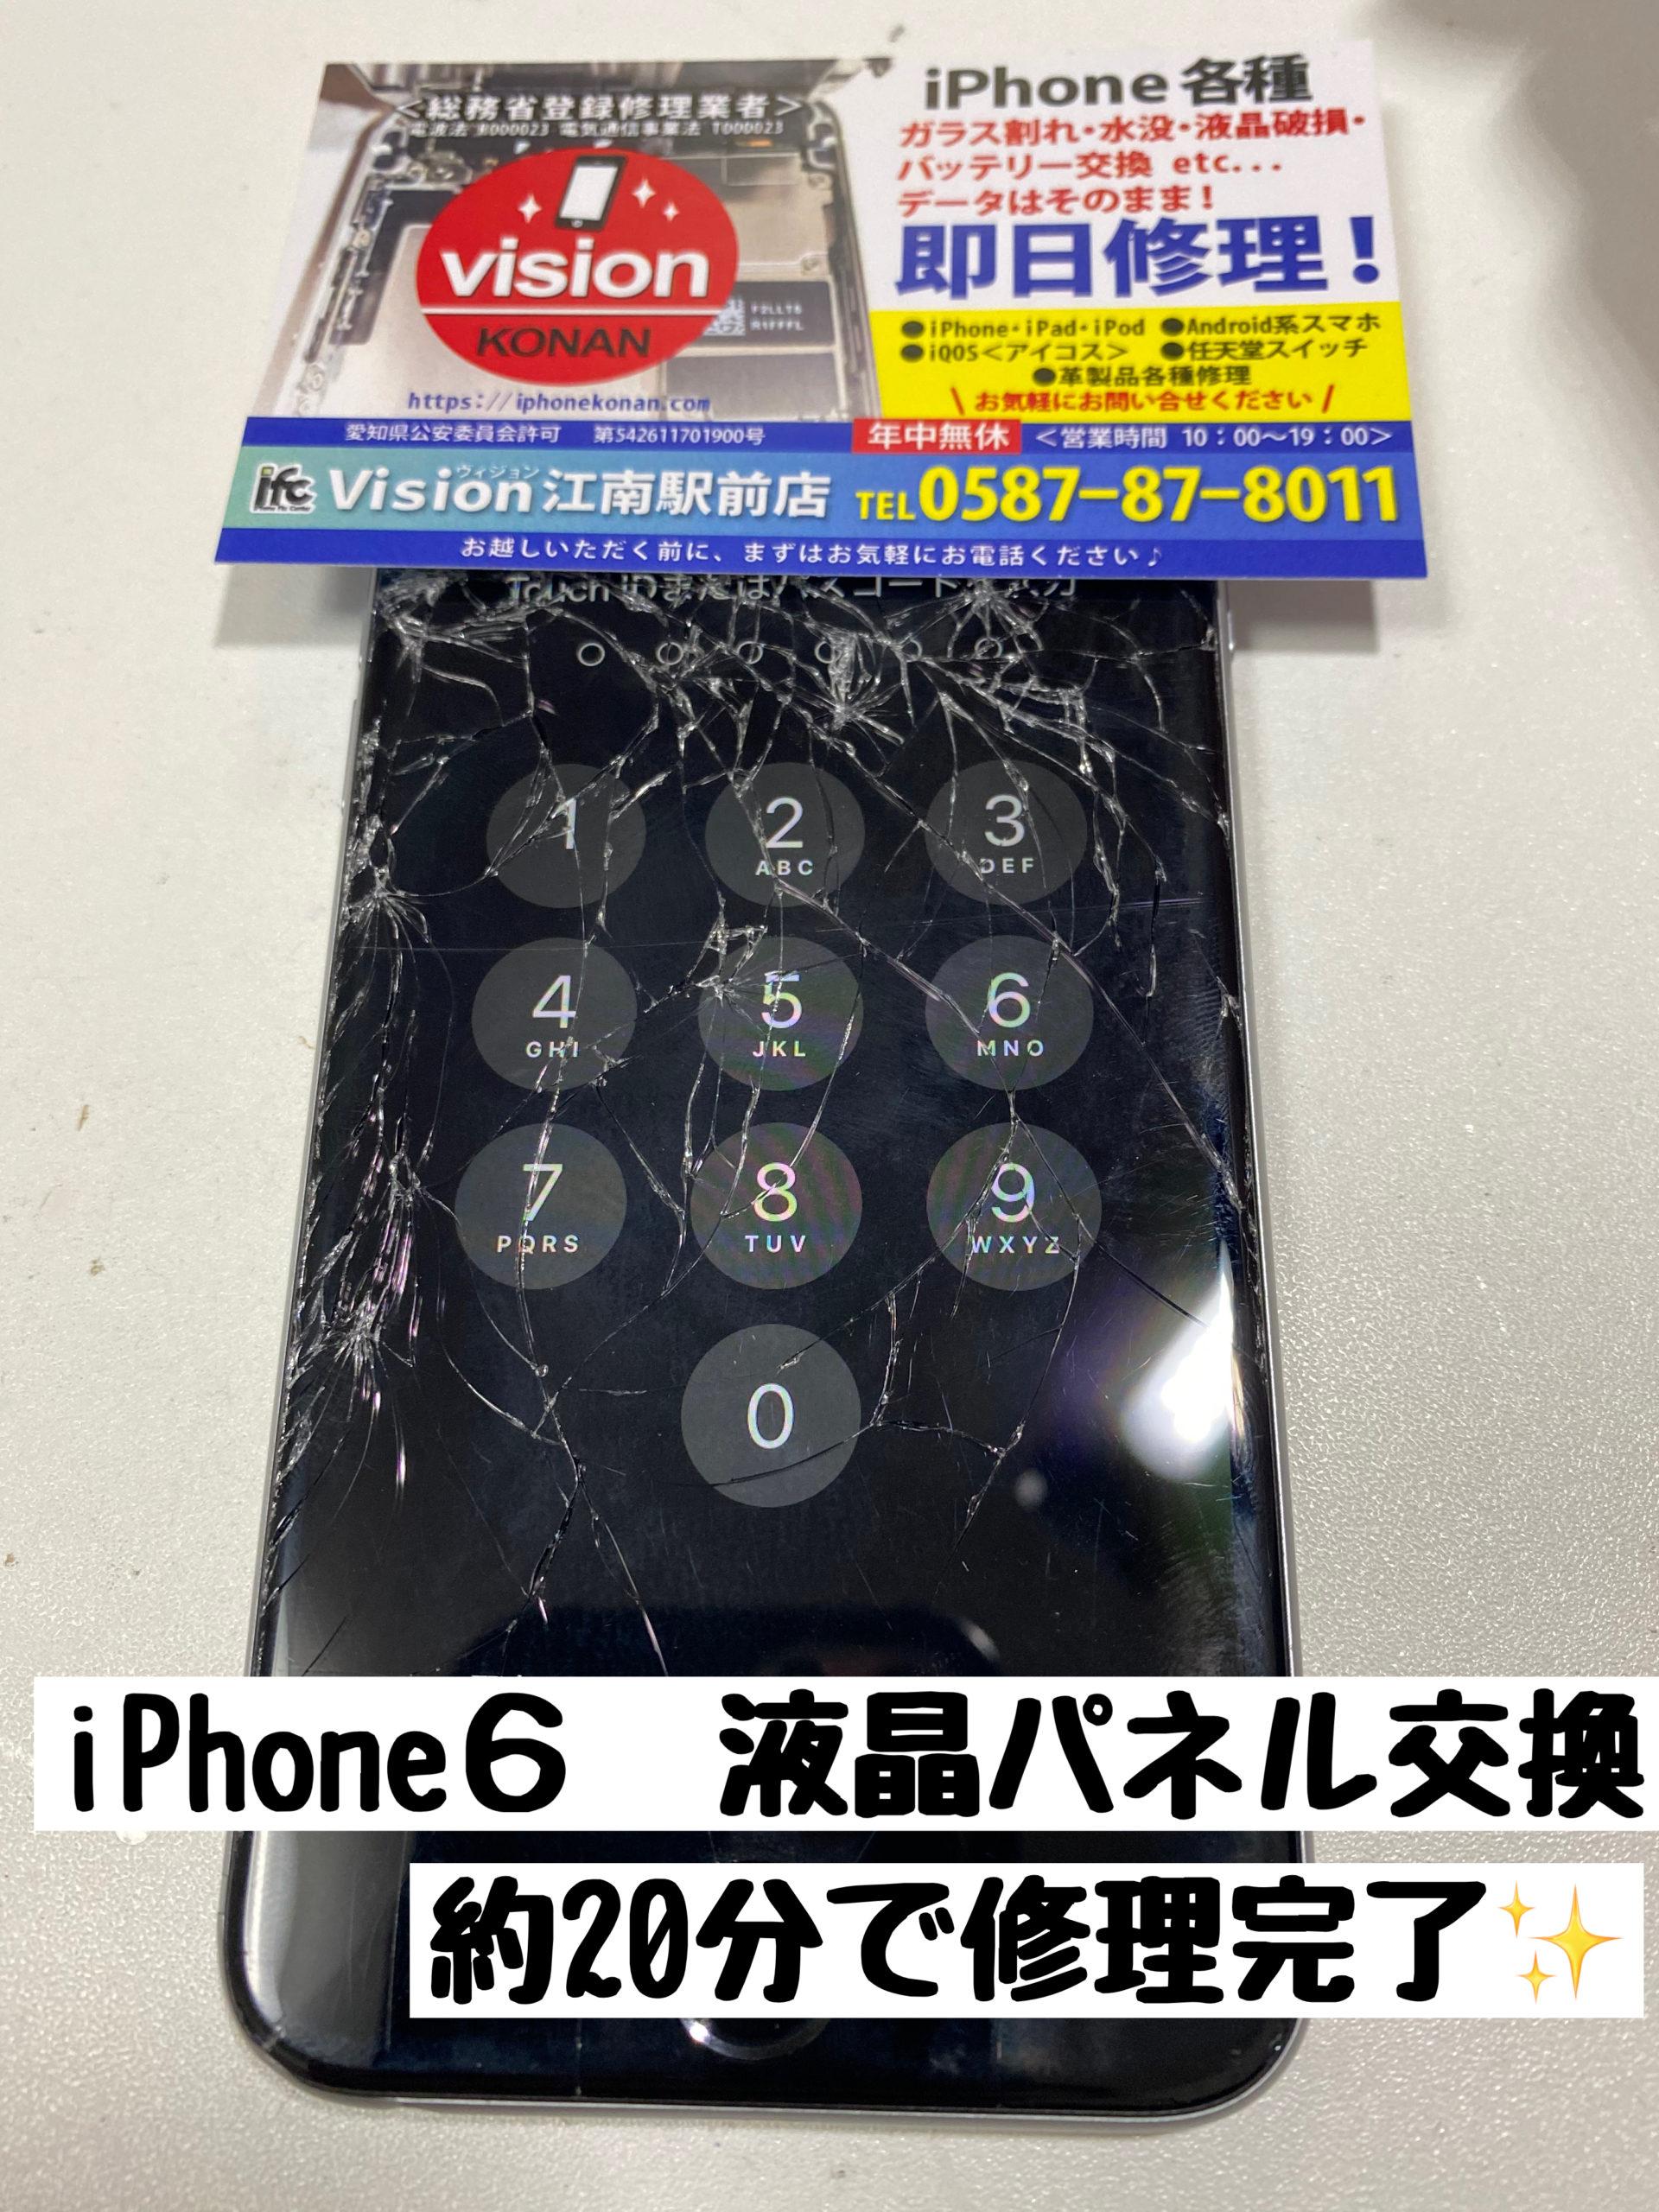 iPhone6 ガラス割れ修理 パネル交換 液晶不良 アイフォン